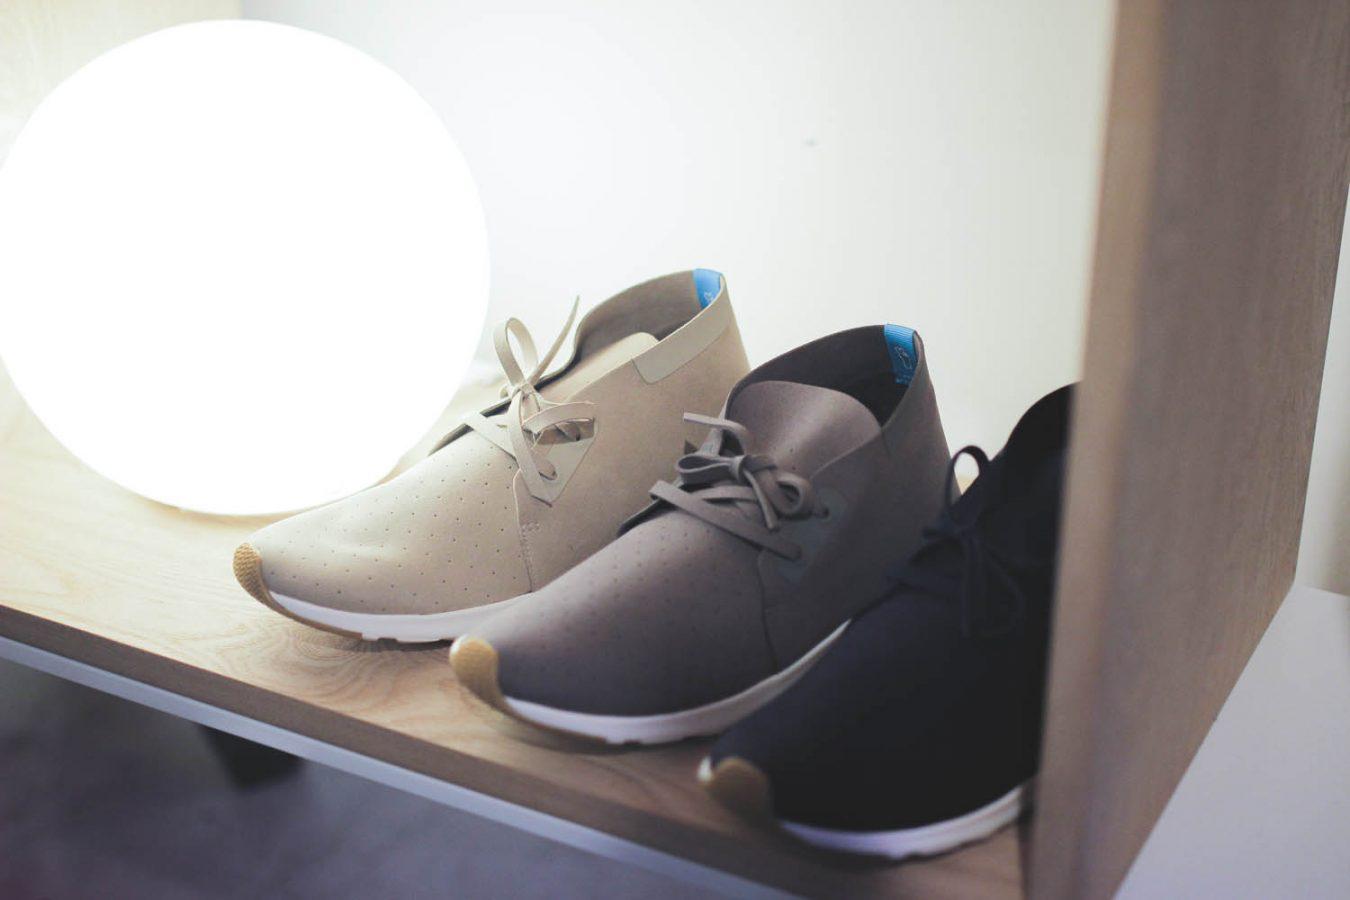 MONTECRISTO Blog: Native Shoes